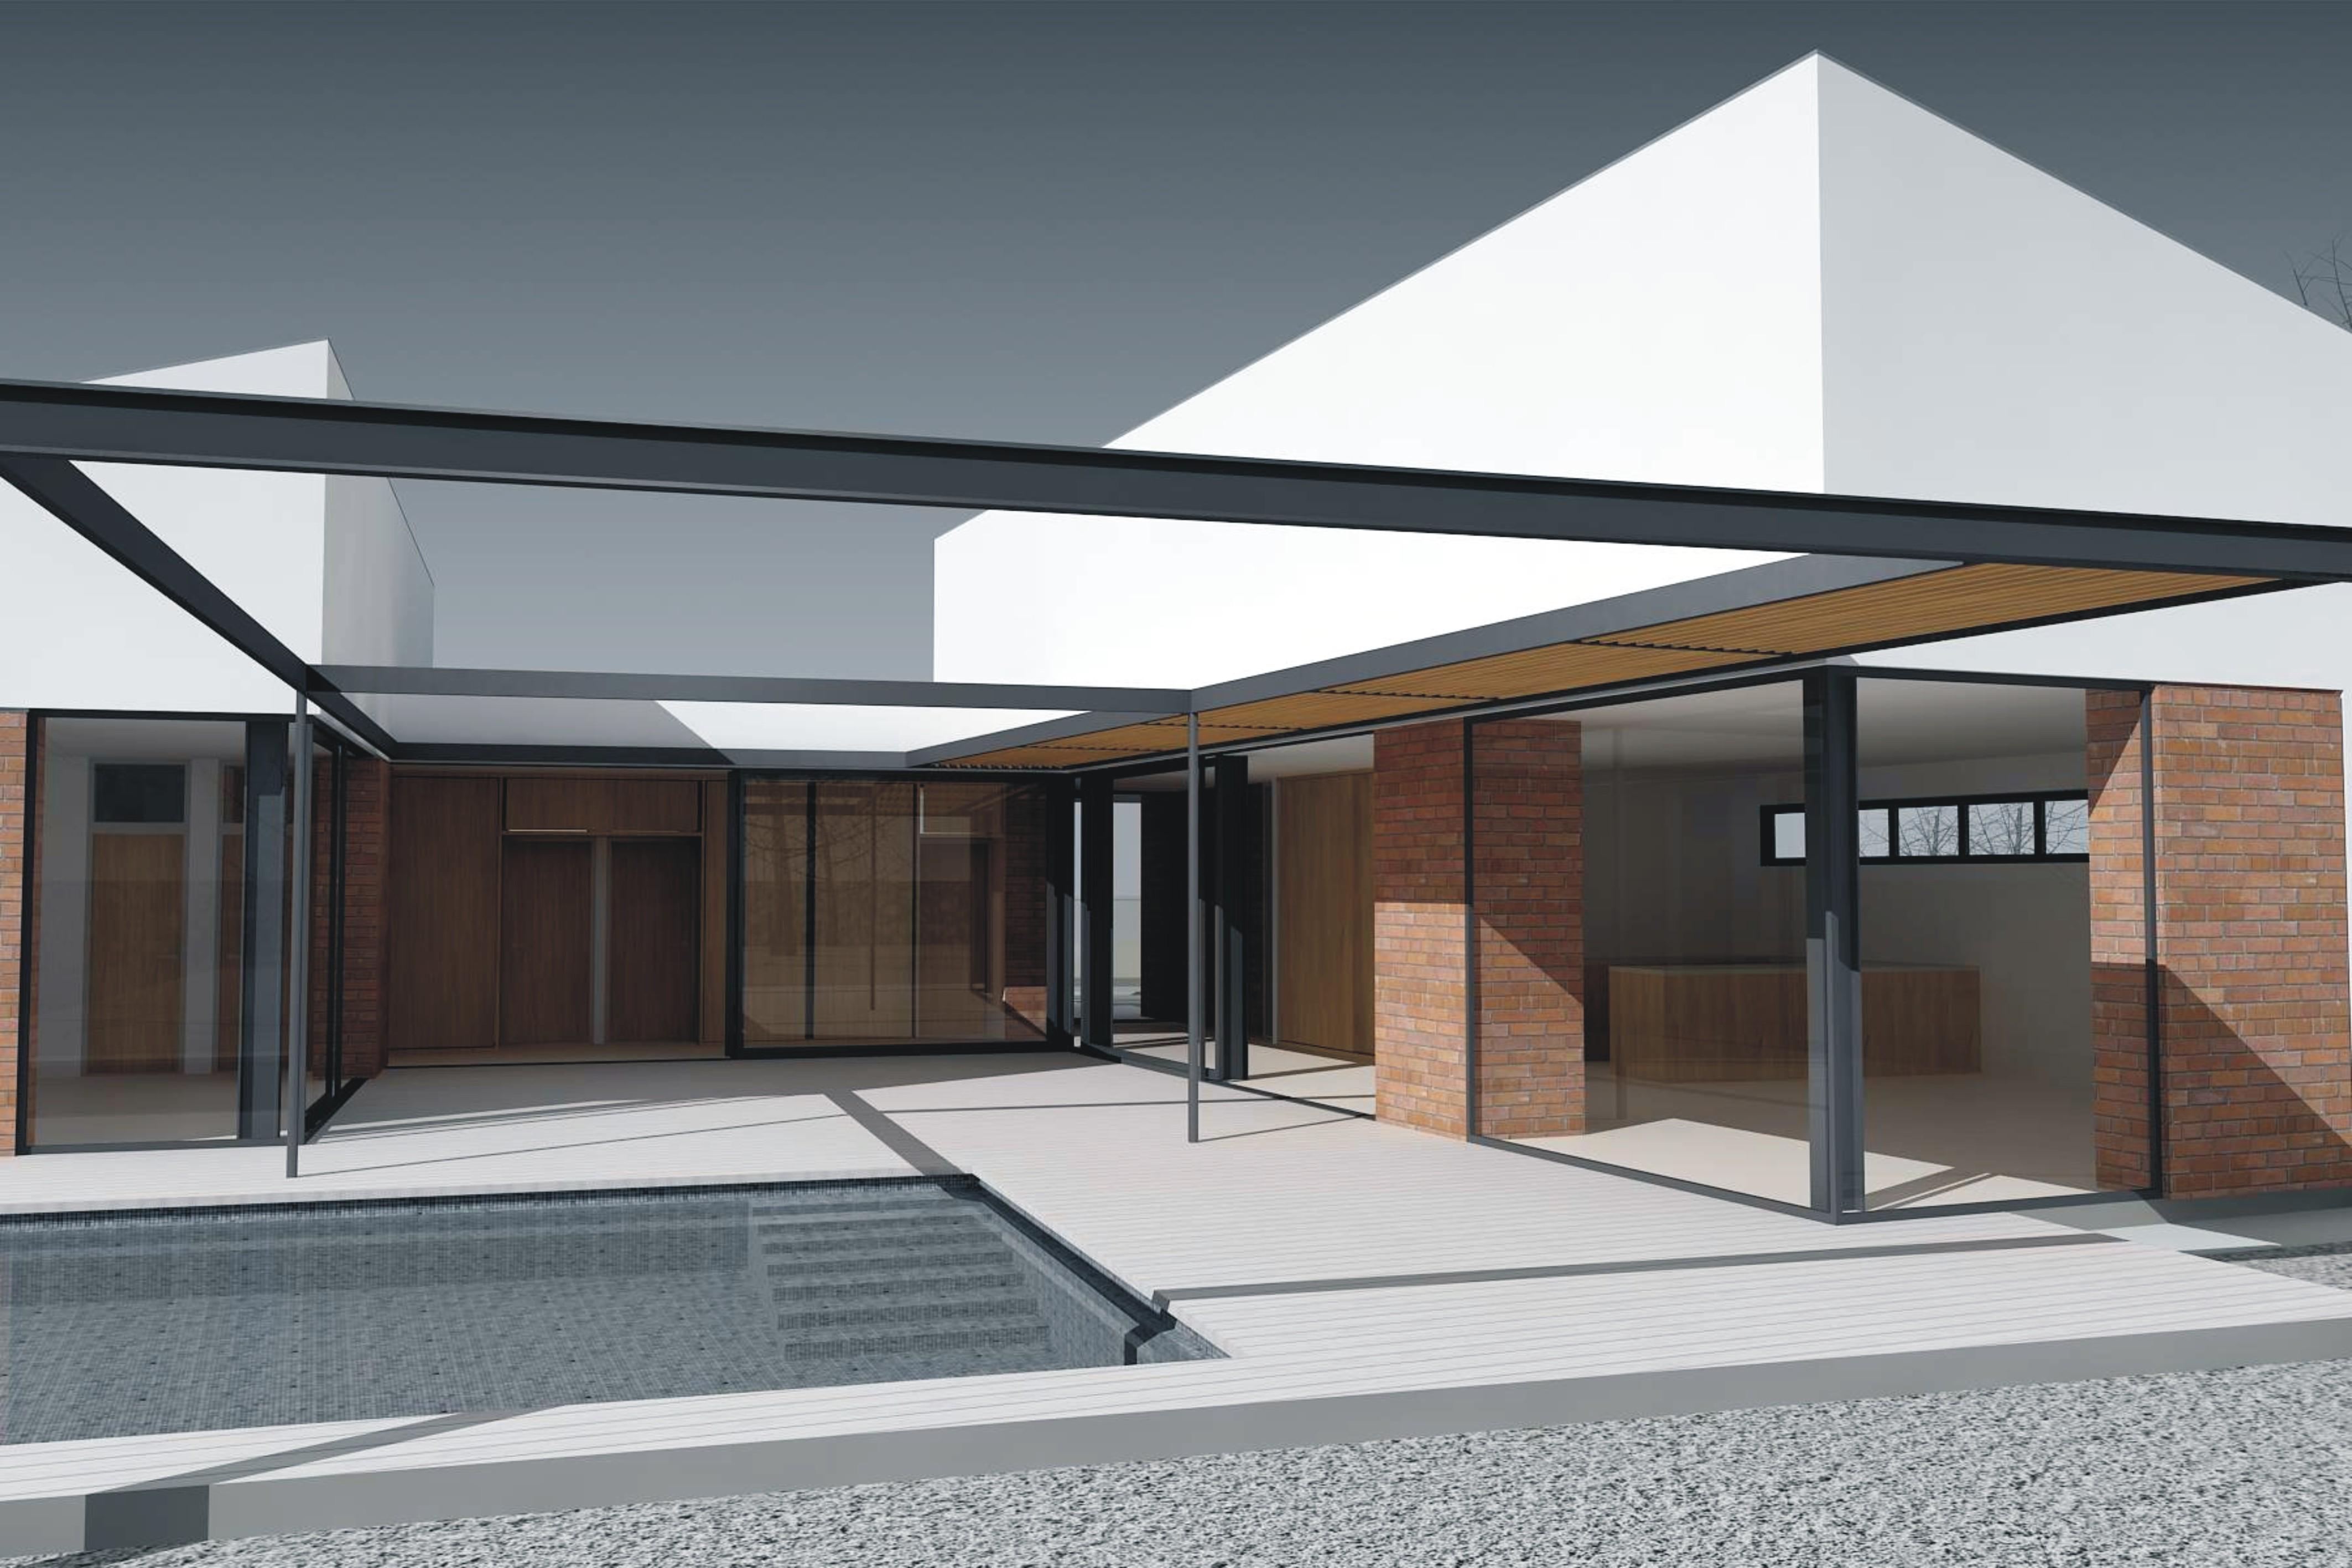 Projekt stavby rodinného domu IX 04